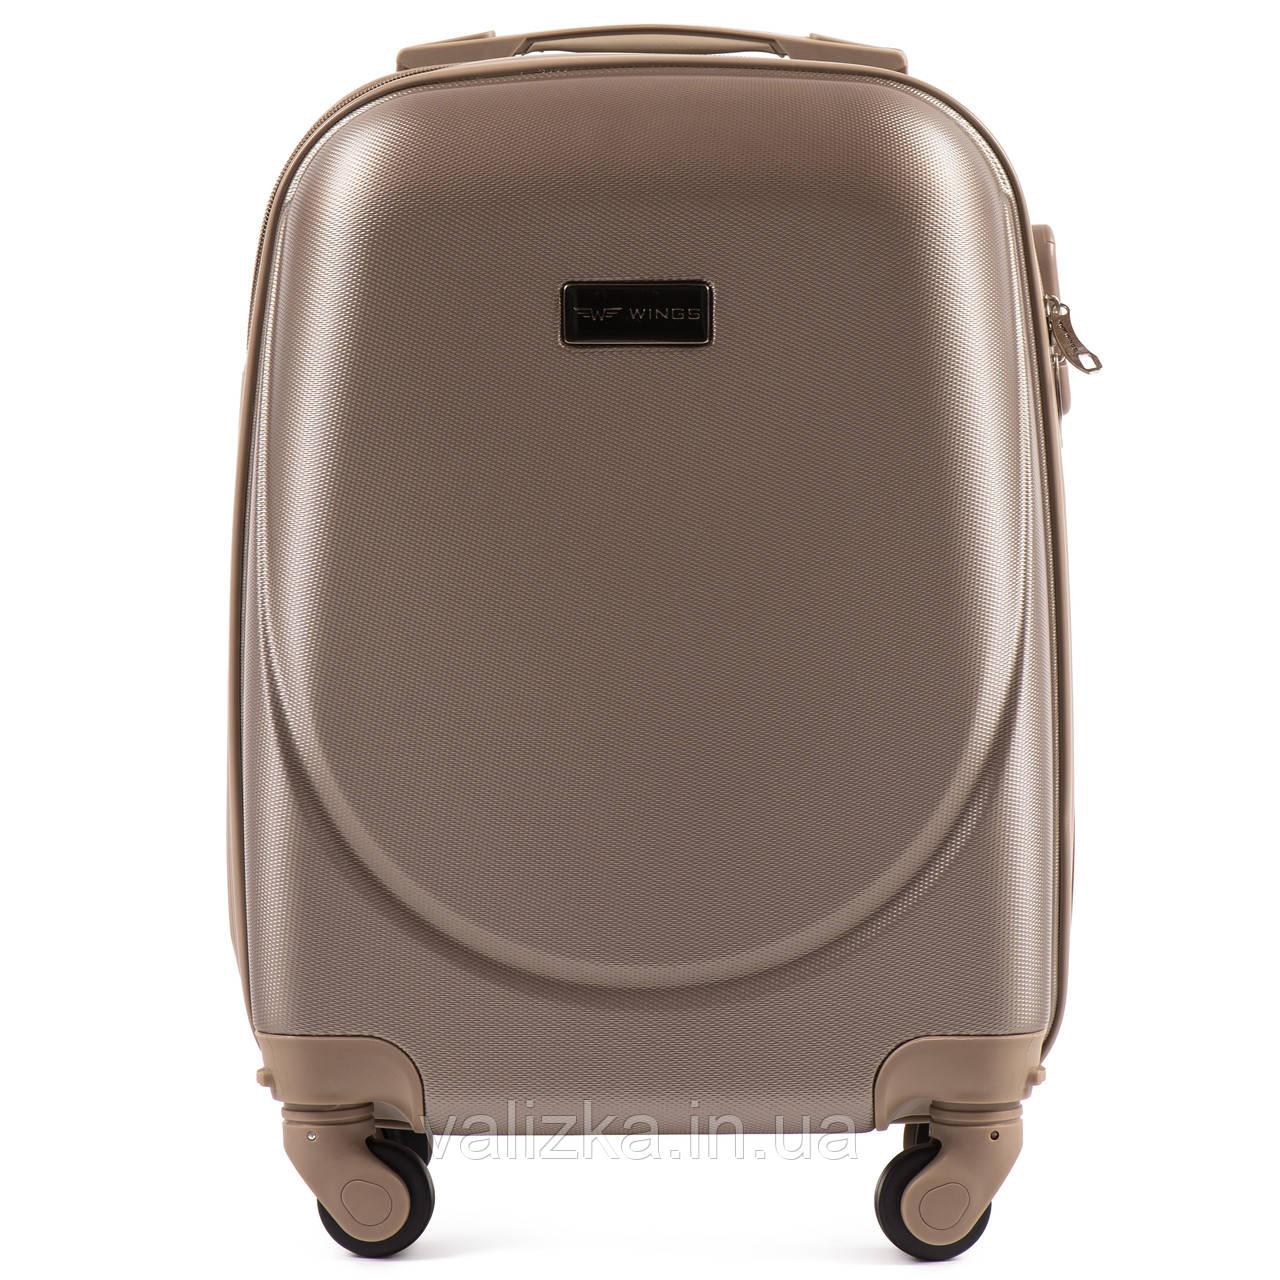 Пластиковый чемодан для ручной клади шампань с фурнитурой в цвет